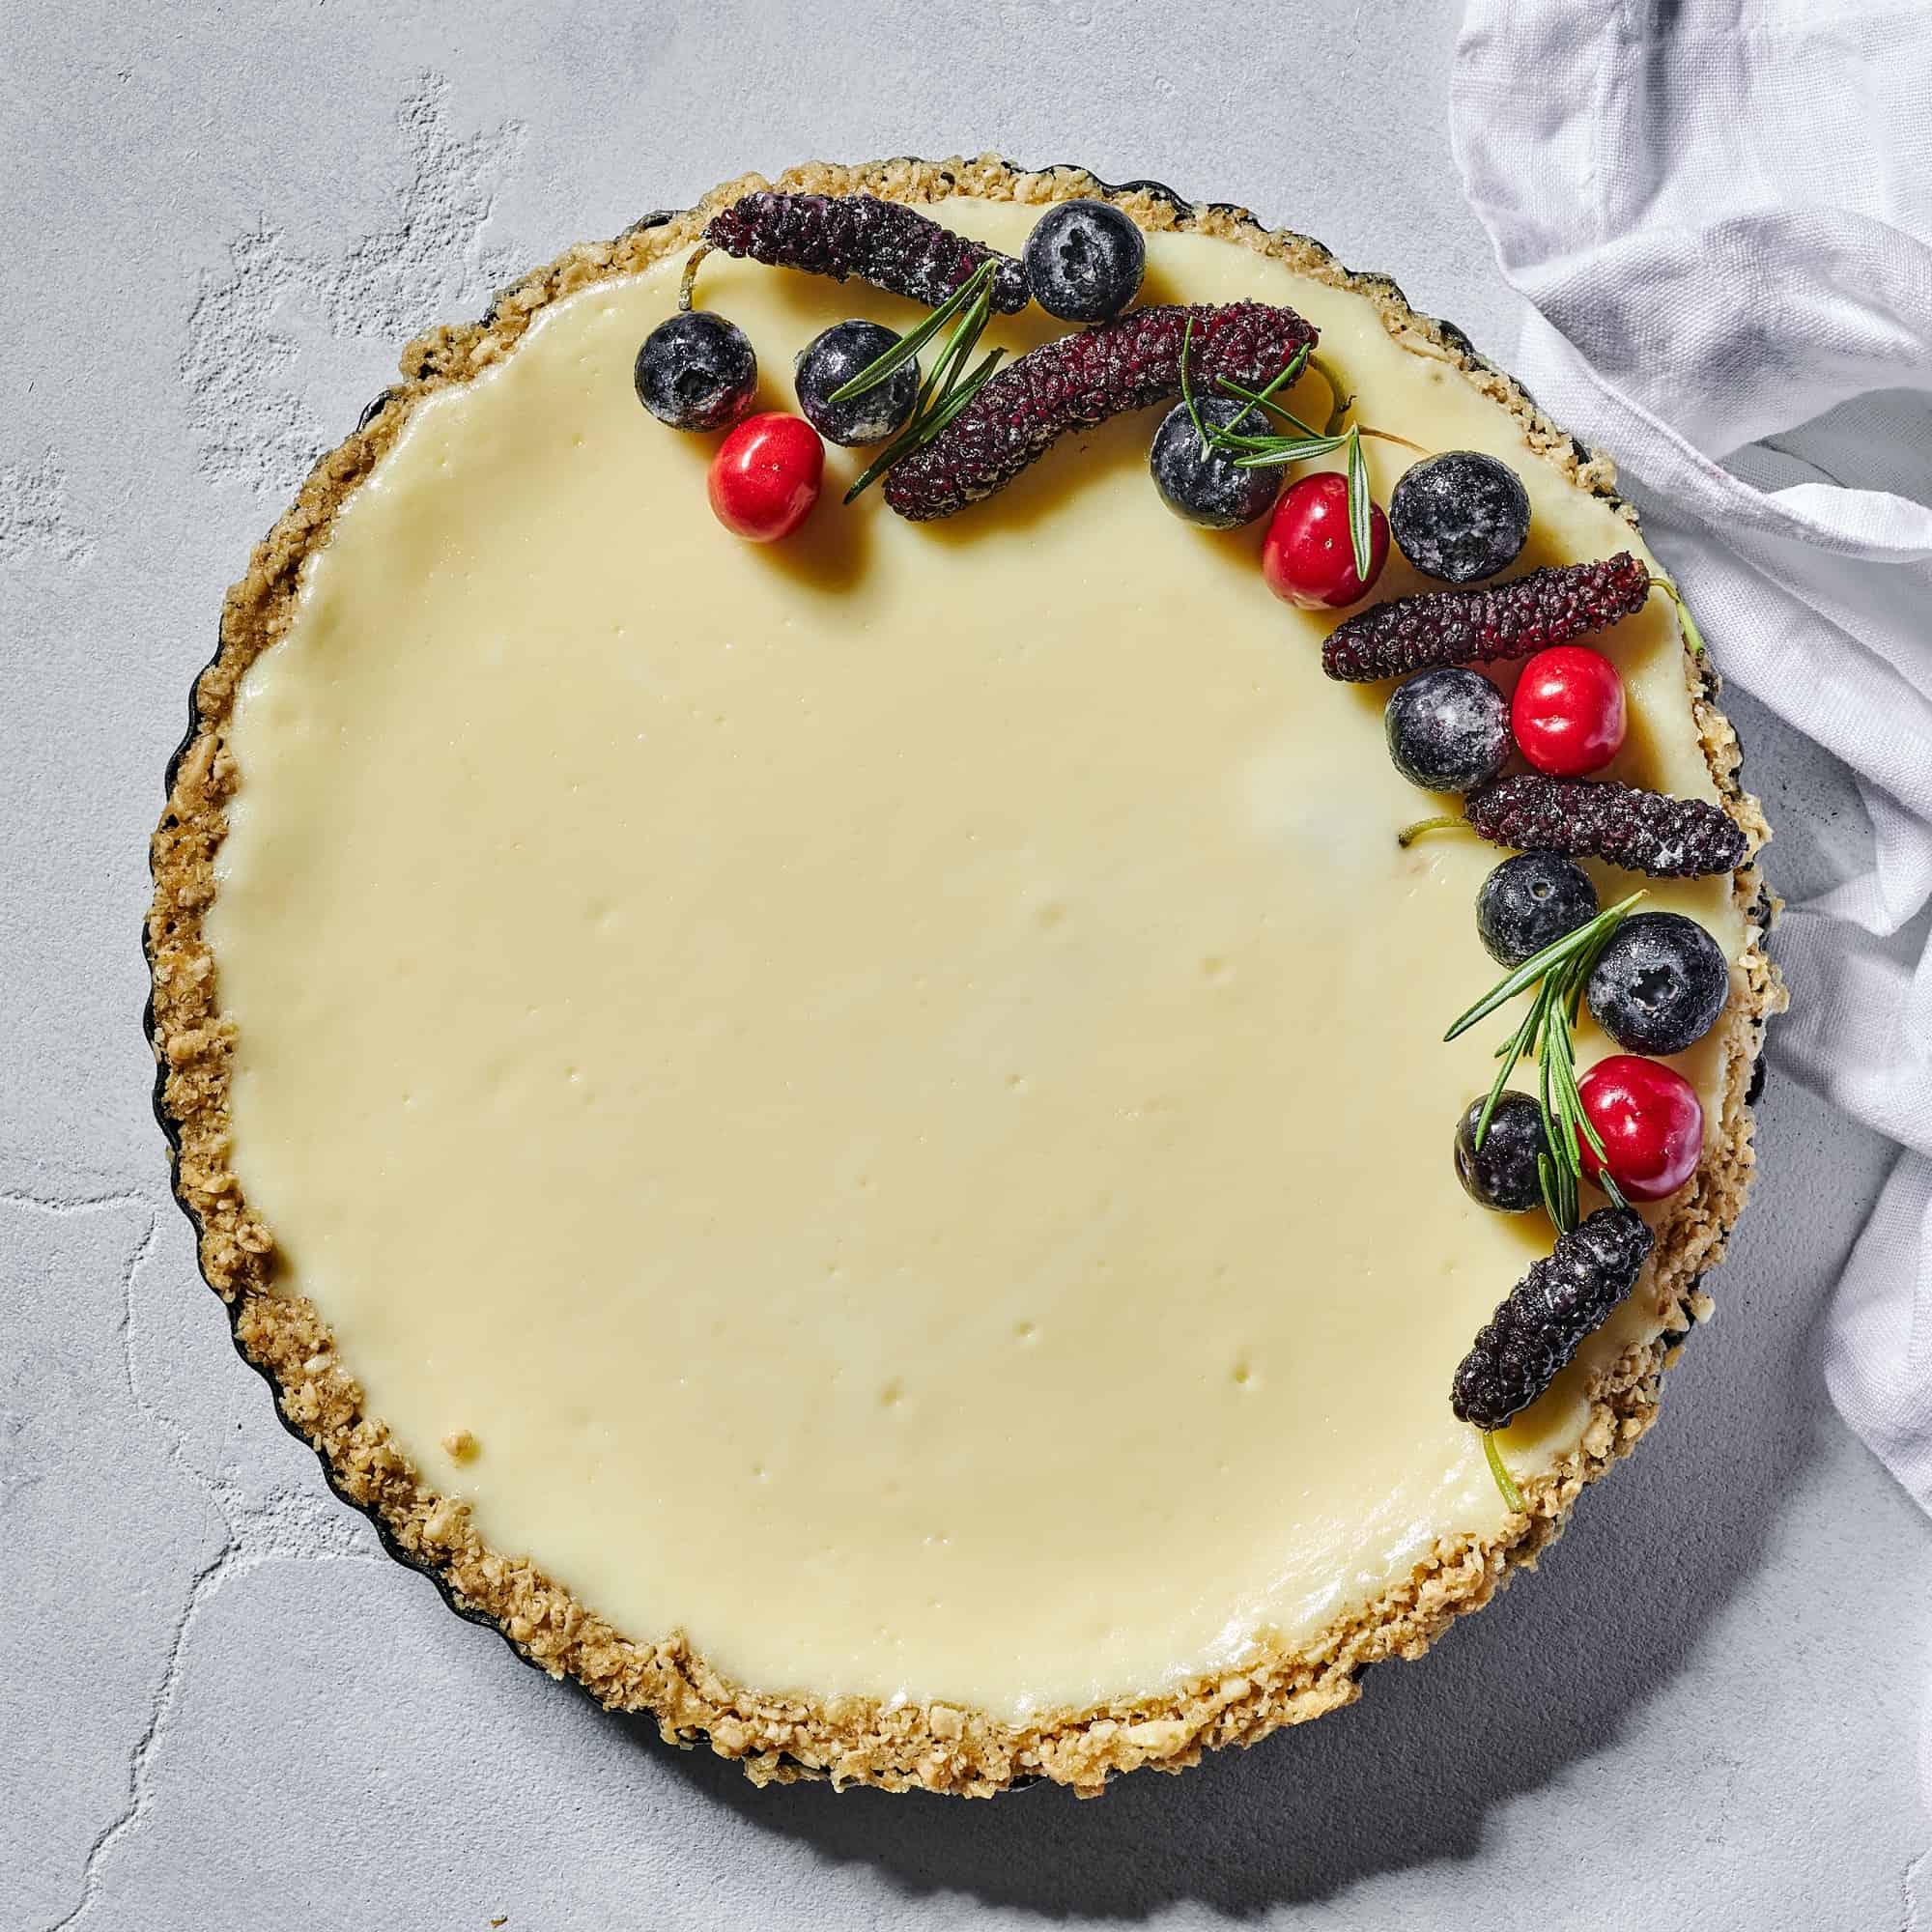 עוגת גבינה אפויה עם תחתית קוואקר פריכה